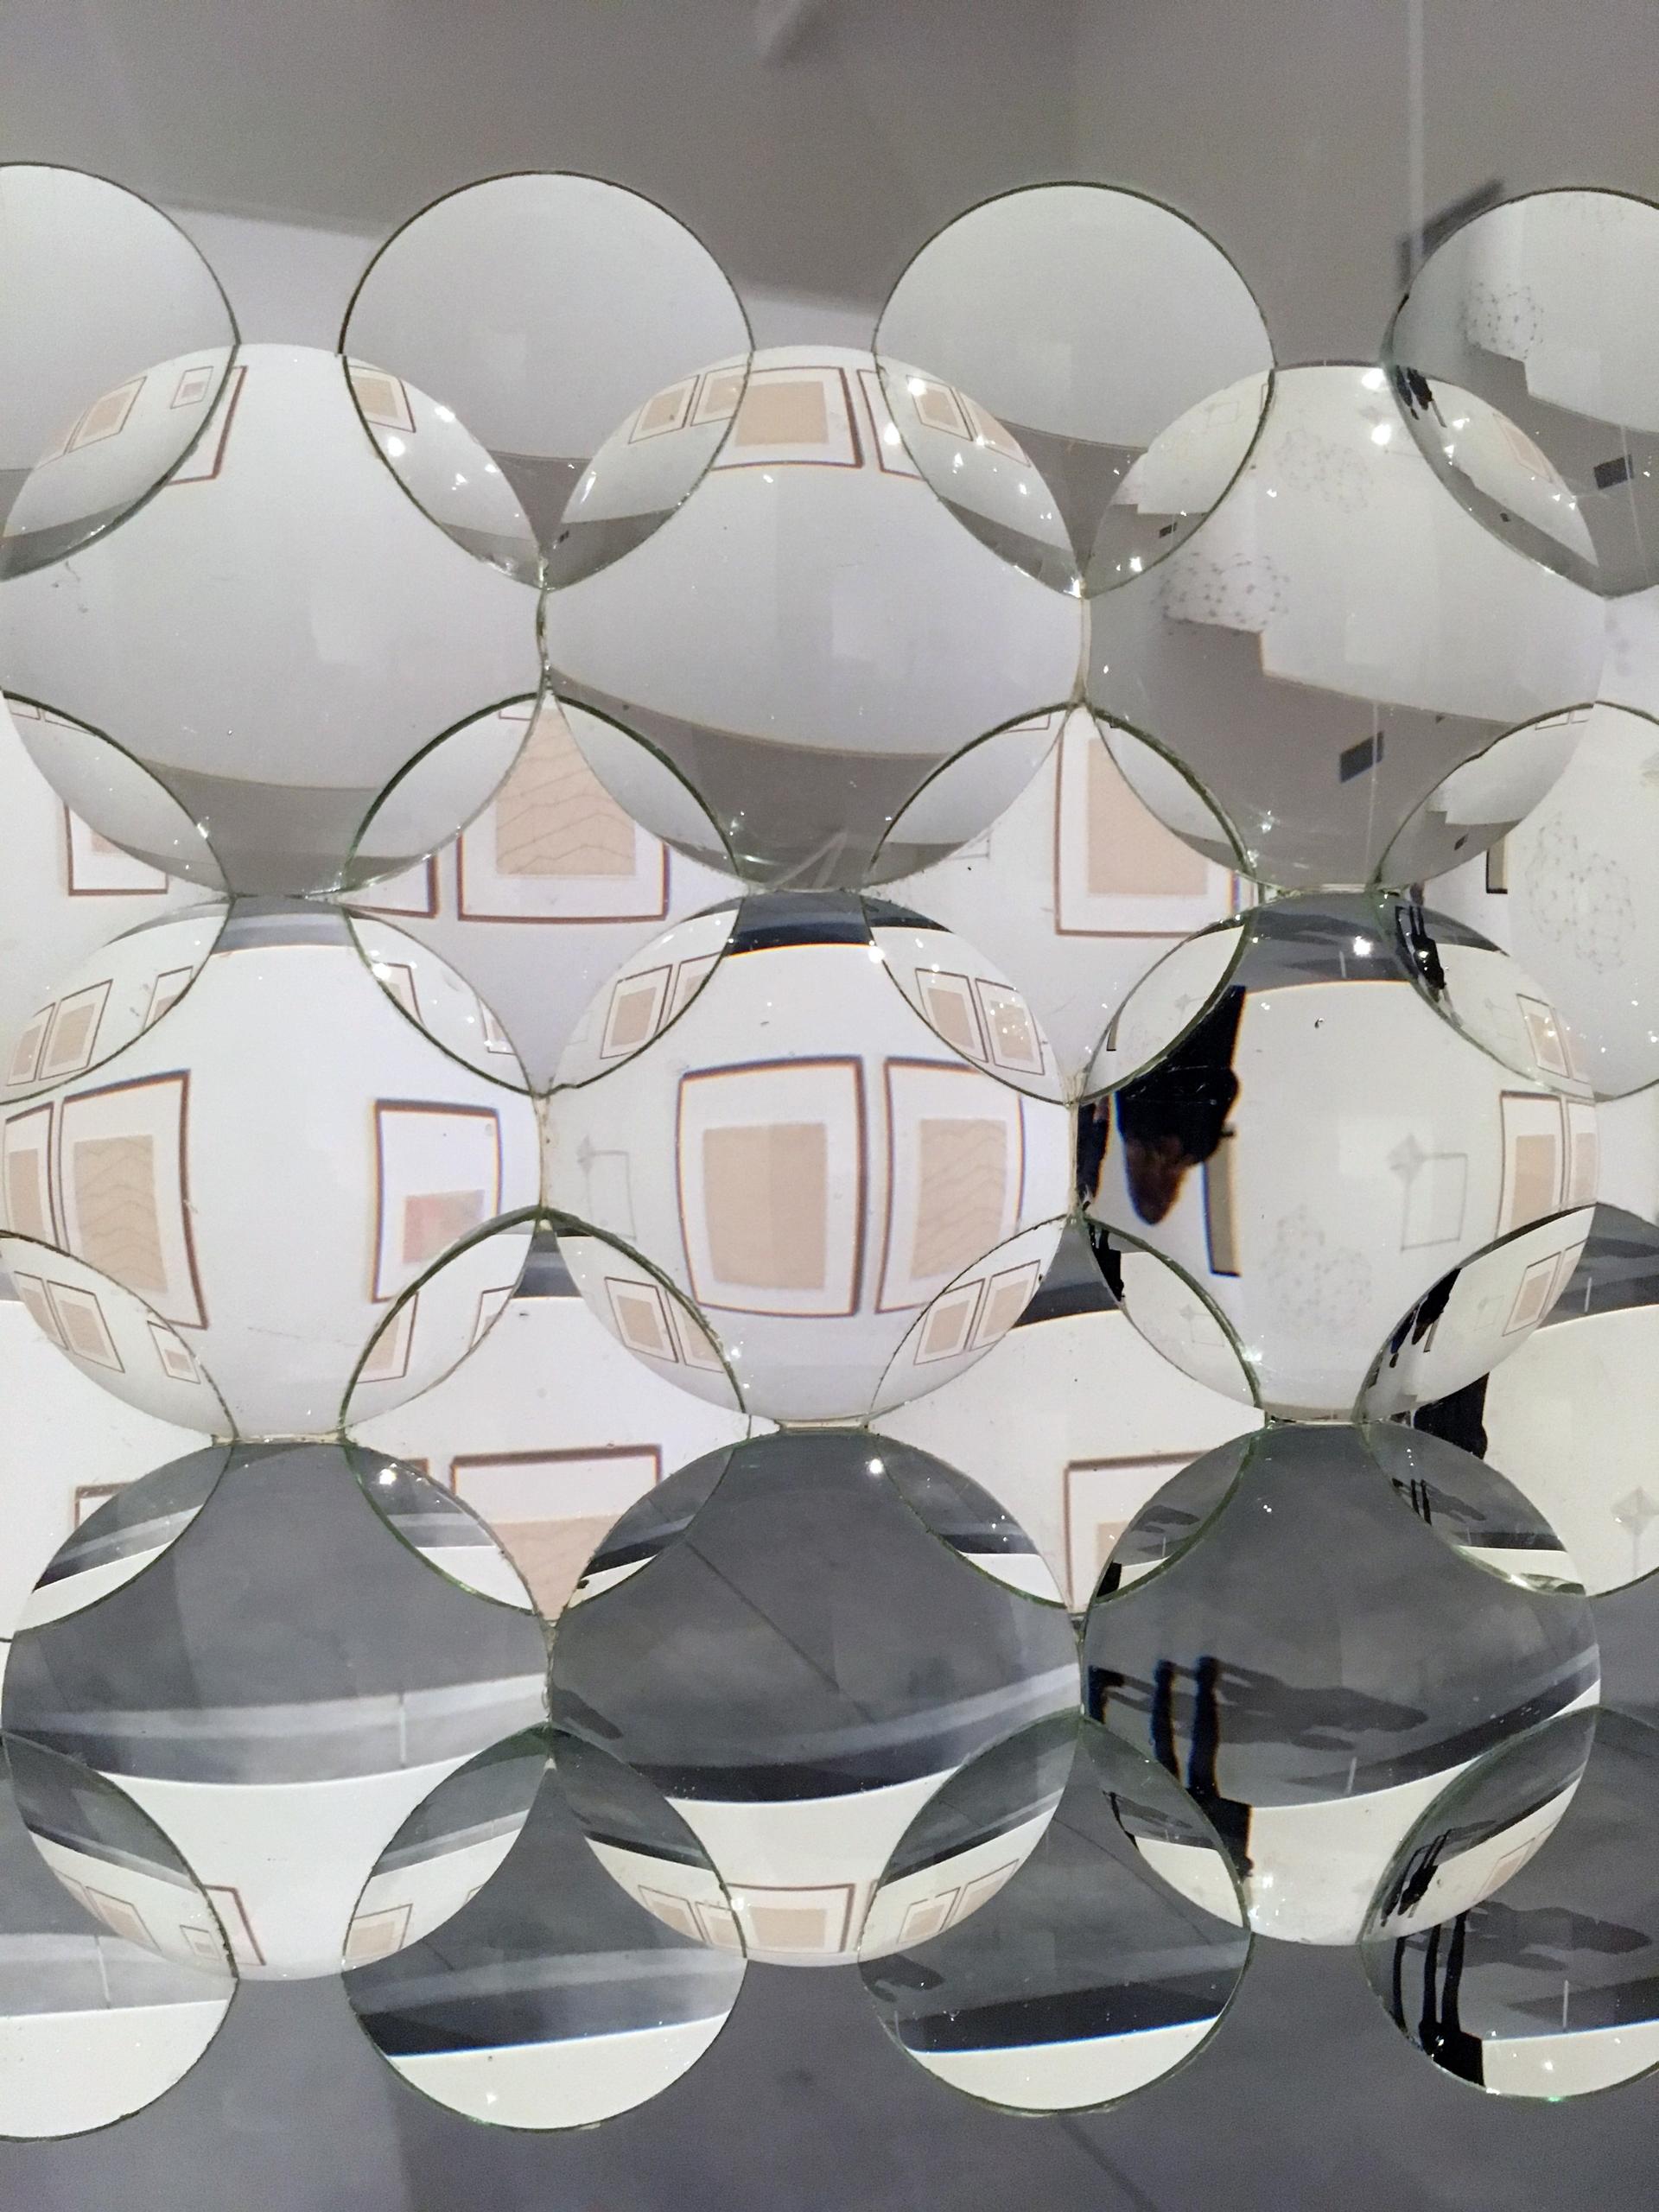 Zdjęcie przedstawia zbliżenie na obiekt zbudowany ze szklanych soczewek.